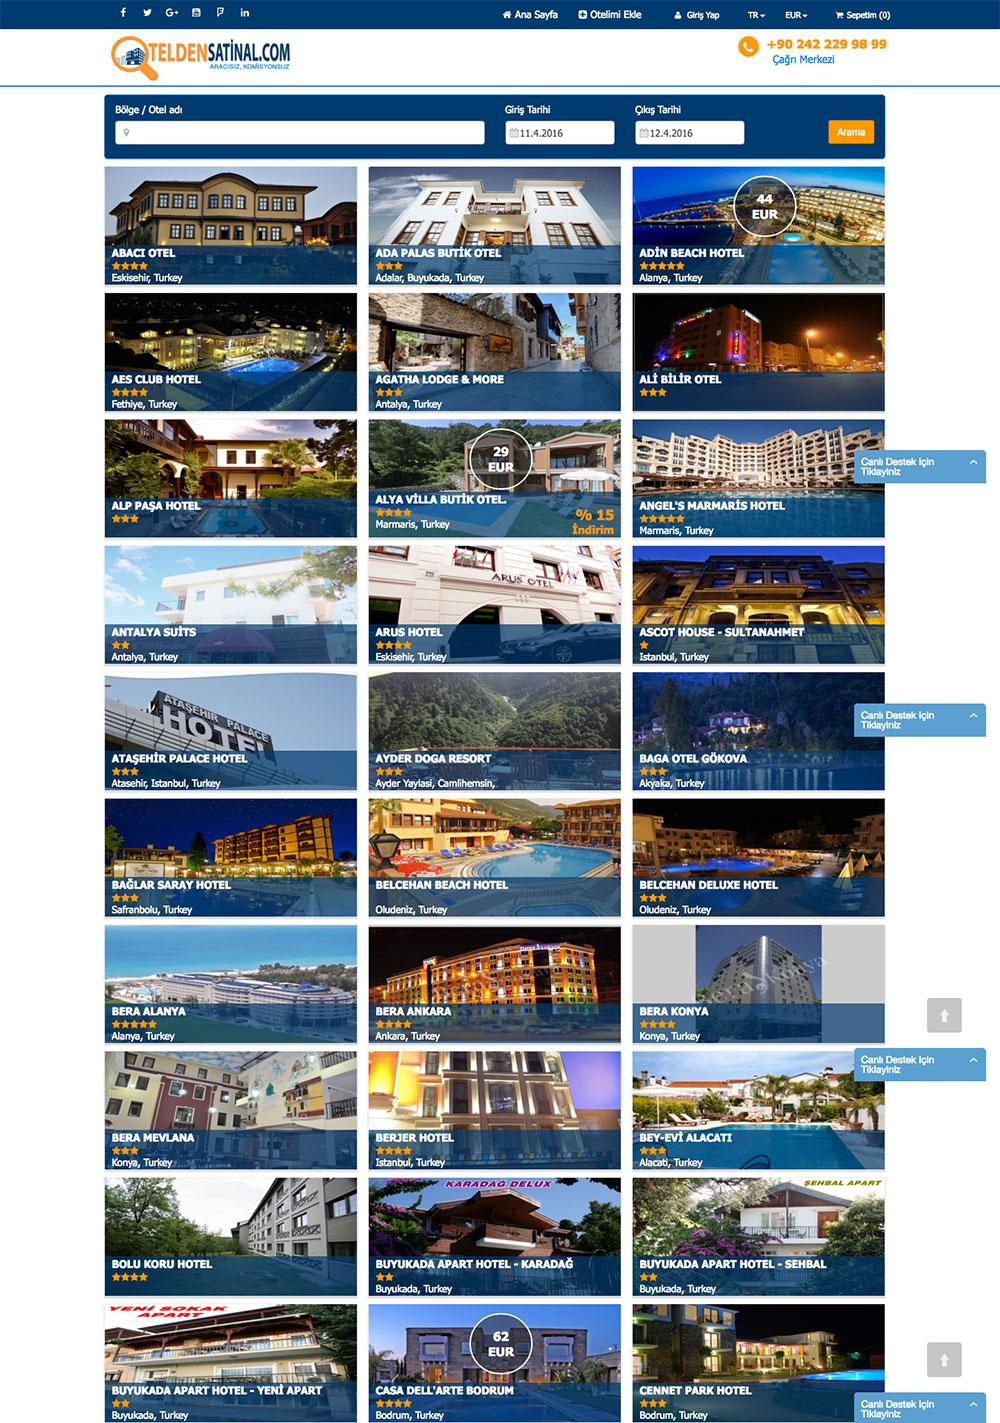 www.oteldensatinal.com